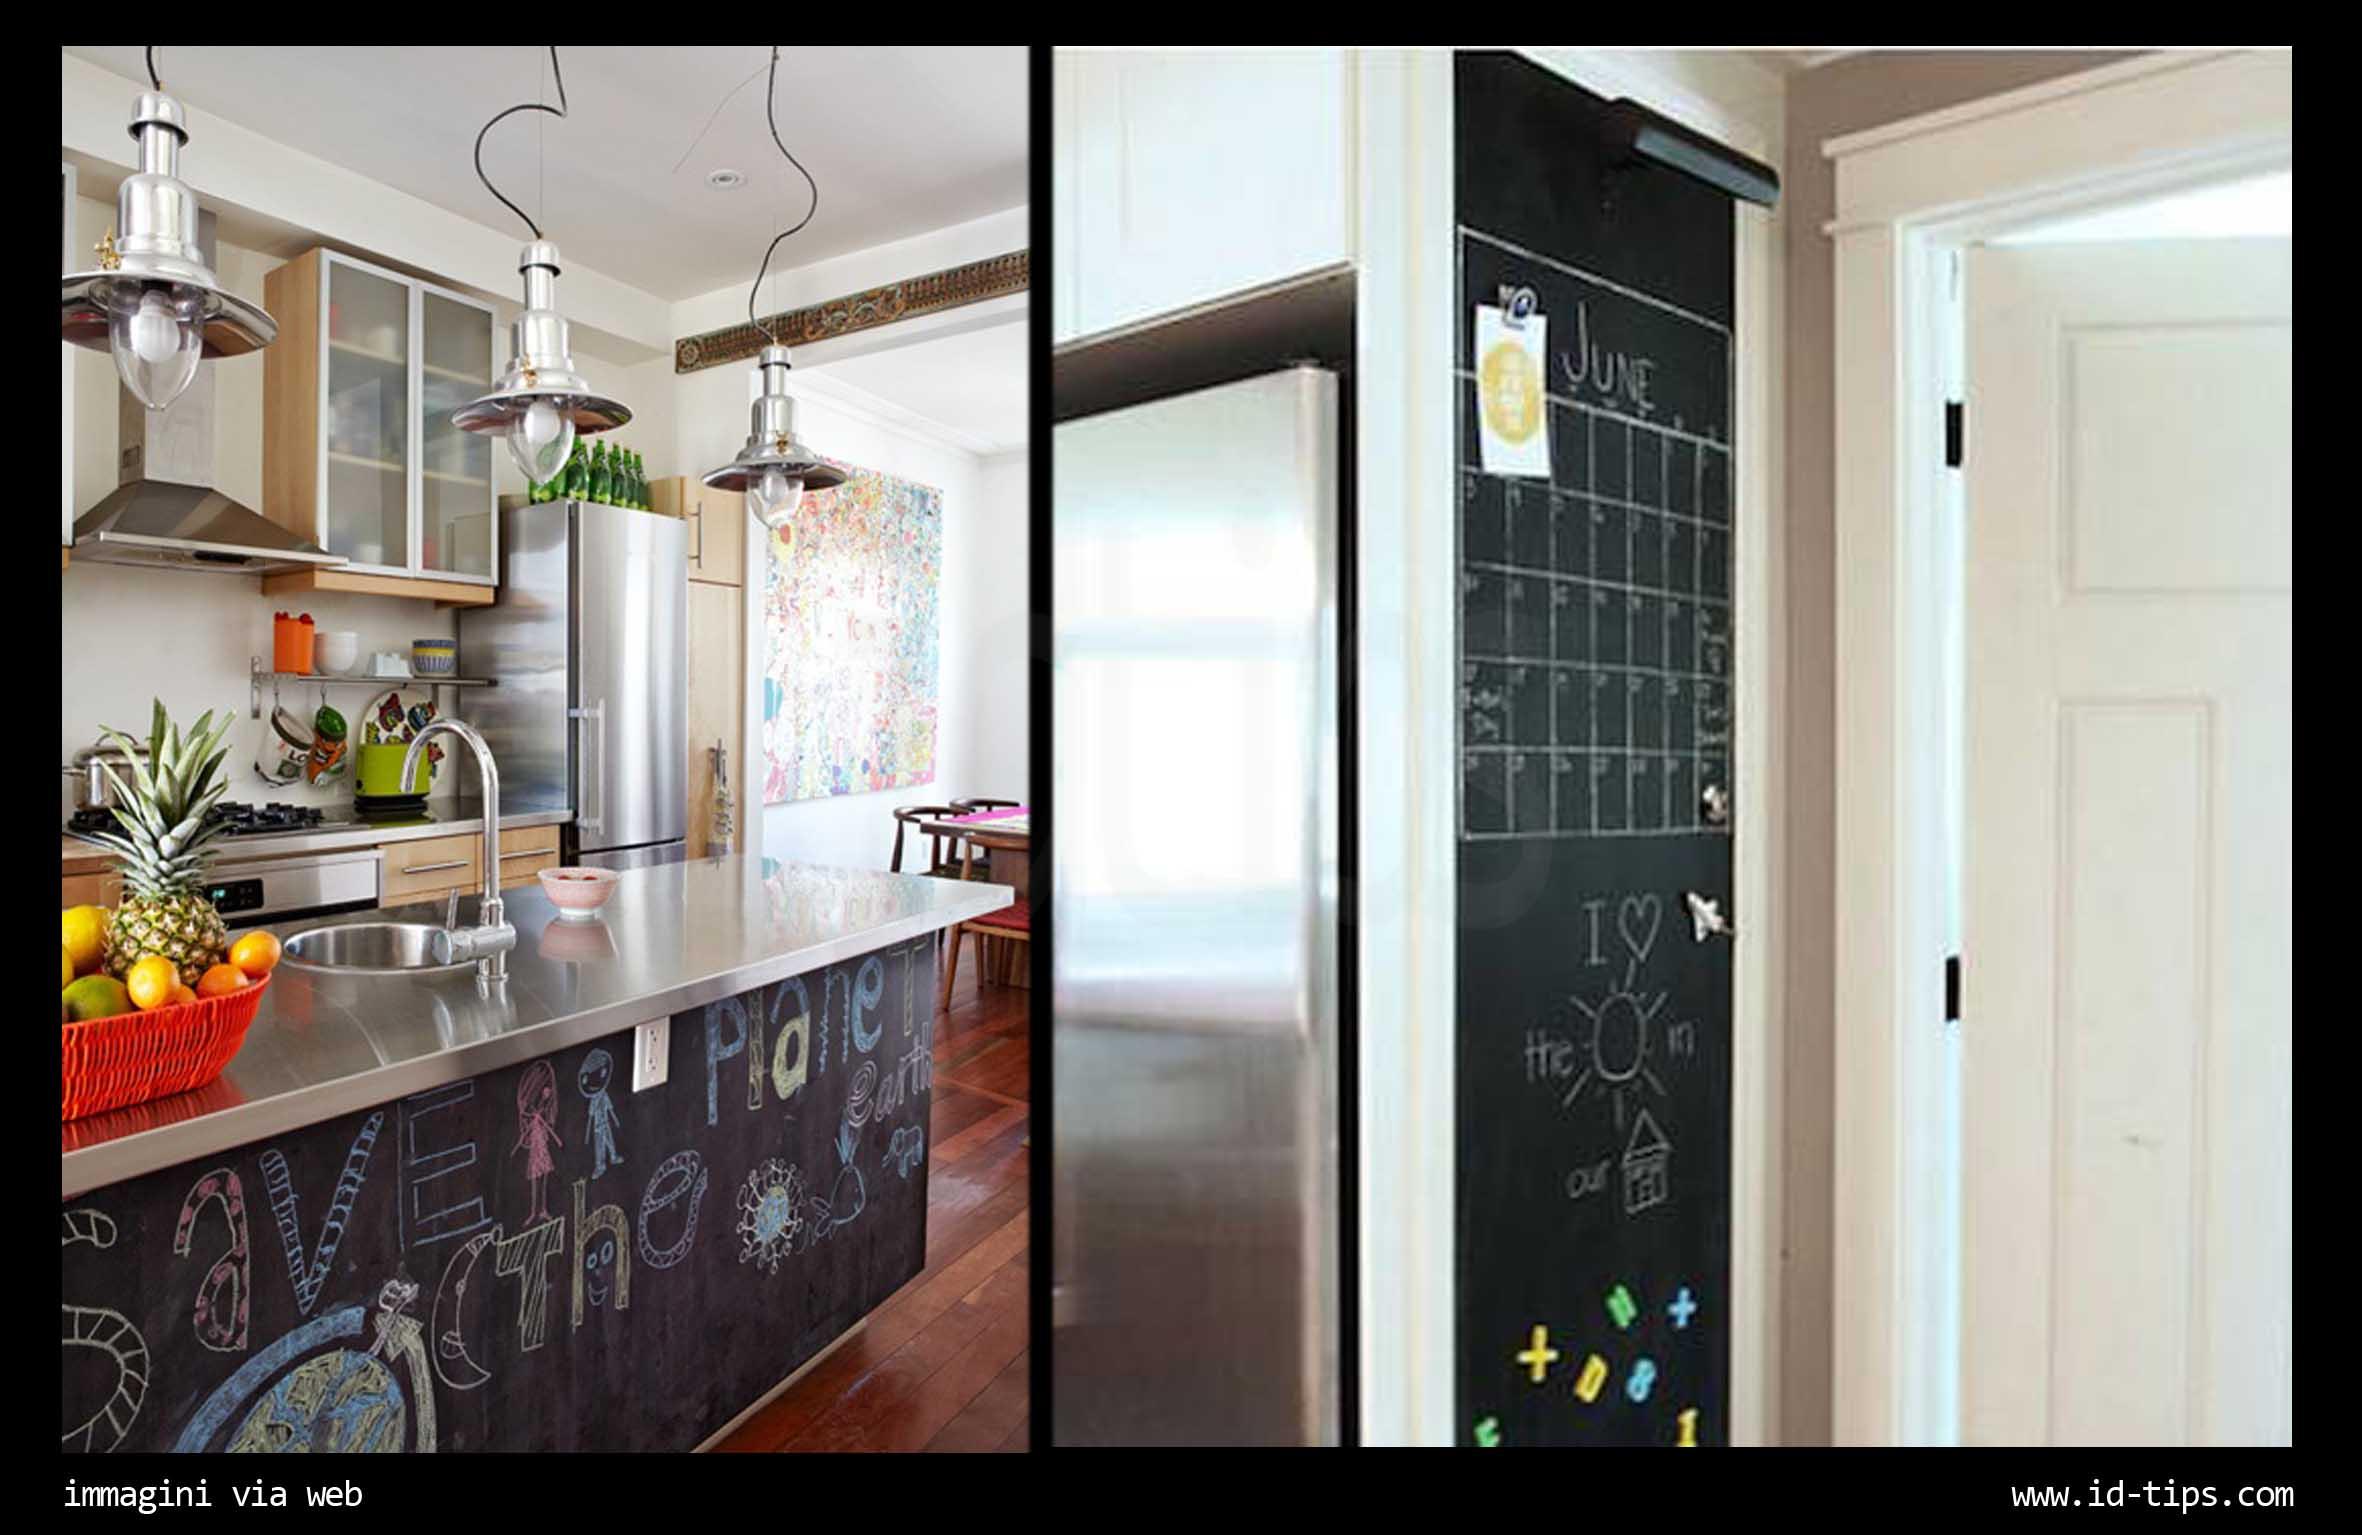 Una parete lavagna in casa - Lavagna magnetica da cucina ...